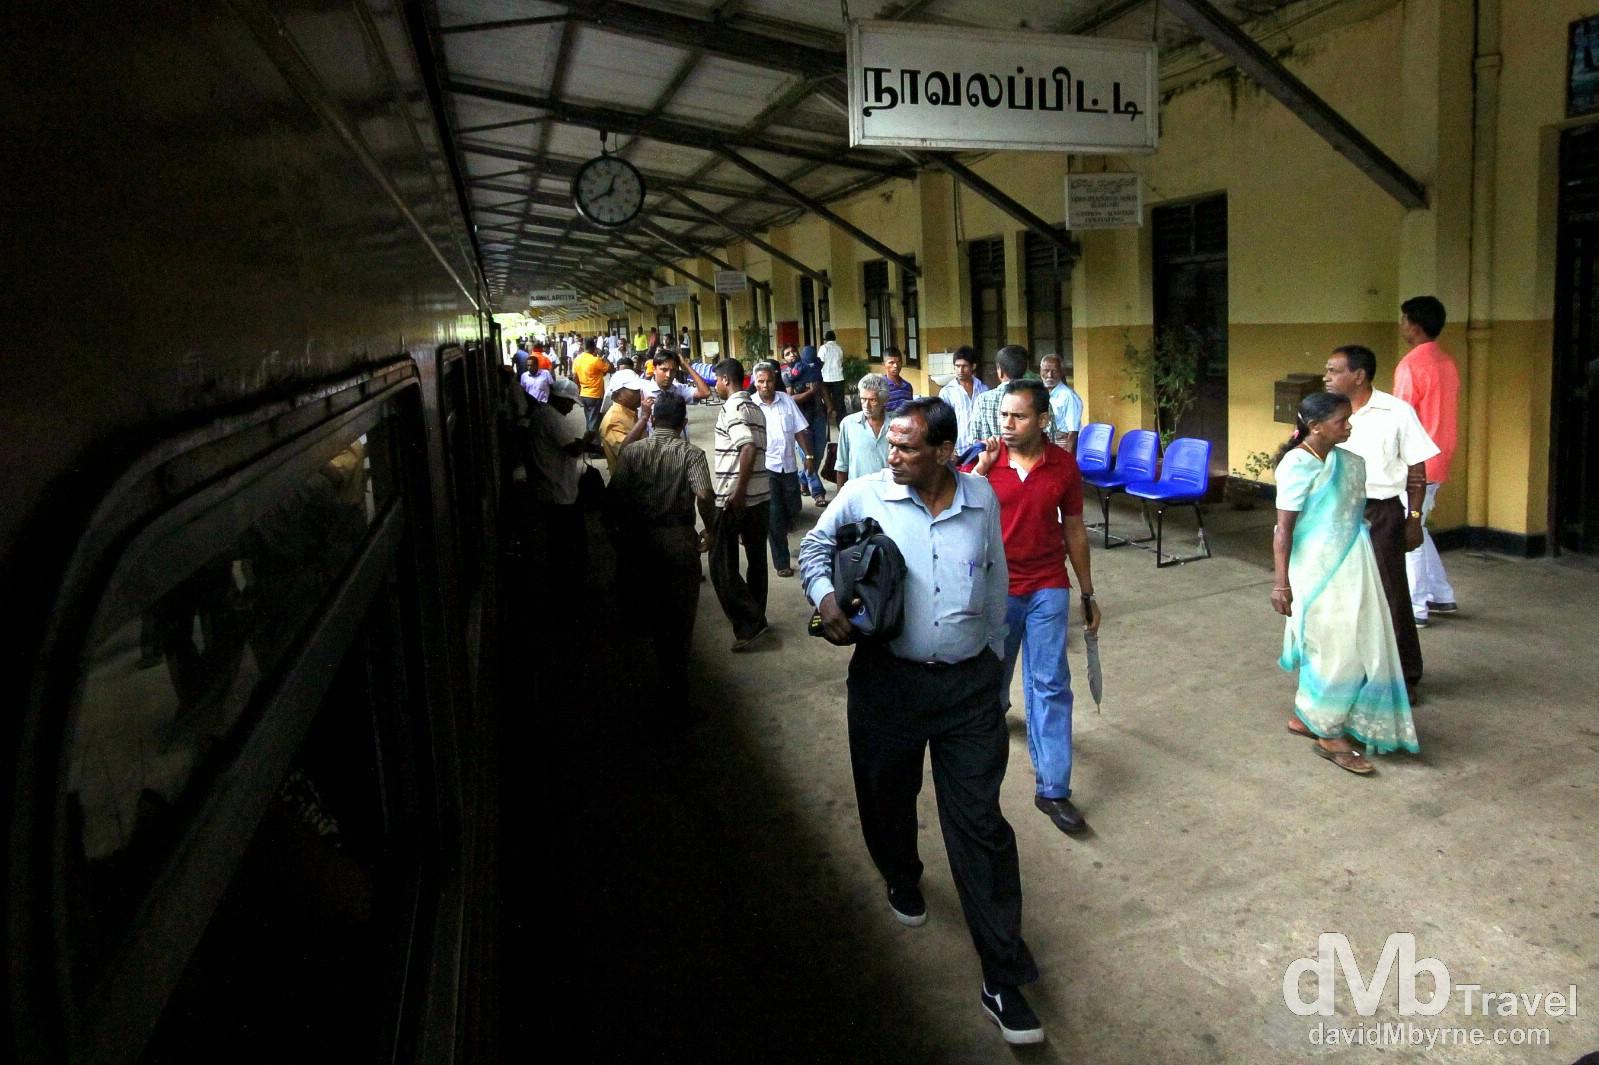 En route to Kandy in central Sri Lanka. September 7th 2012.